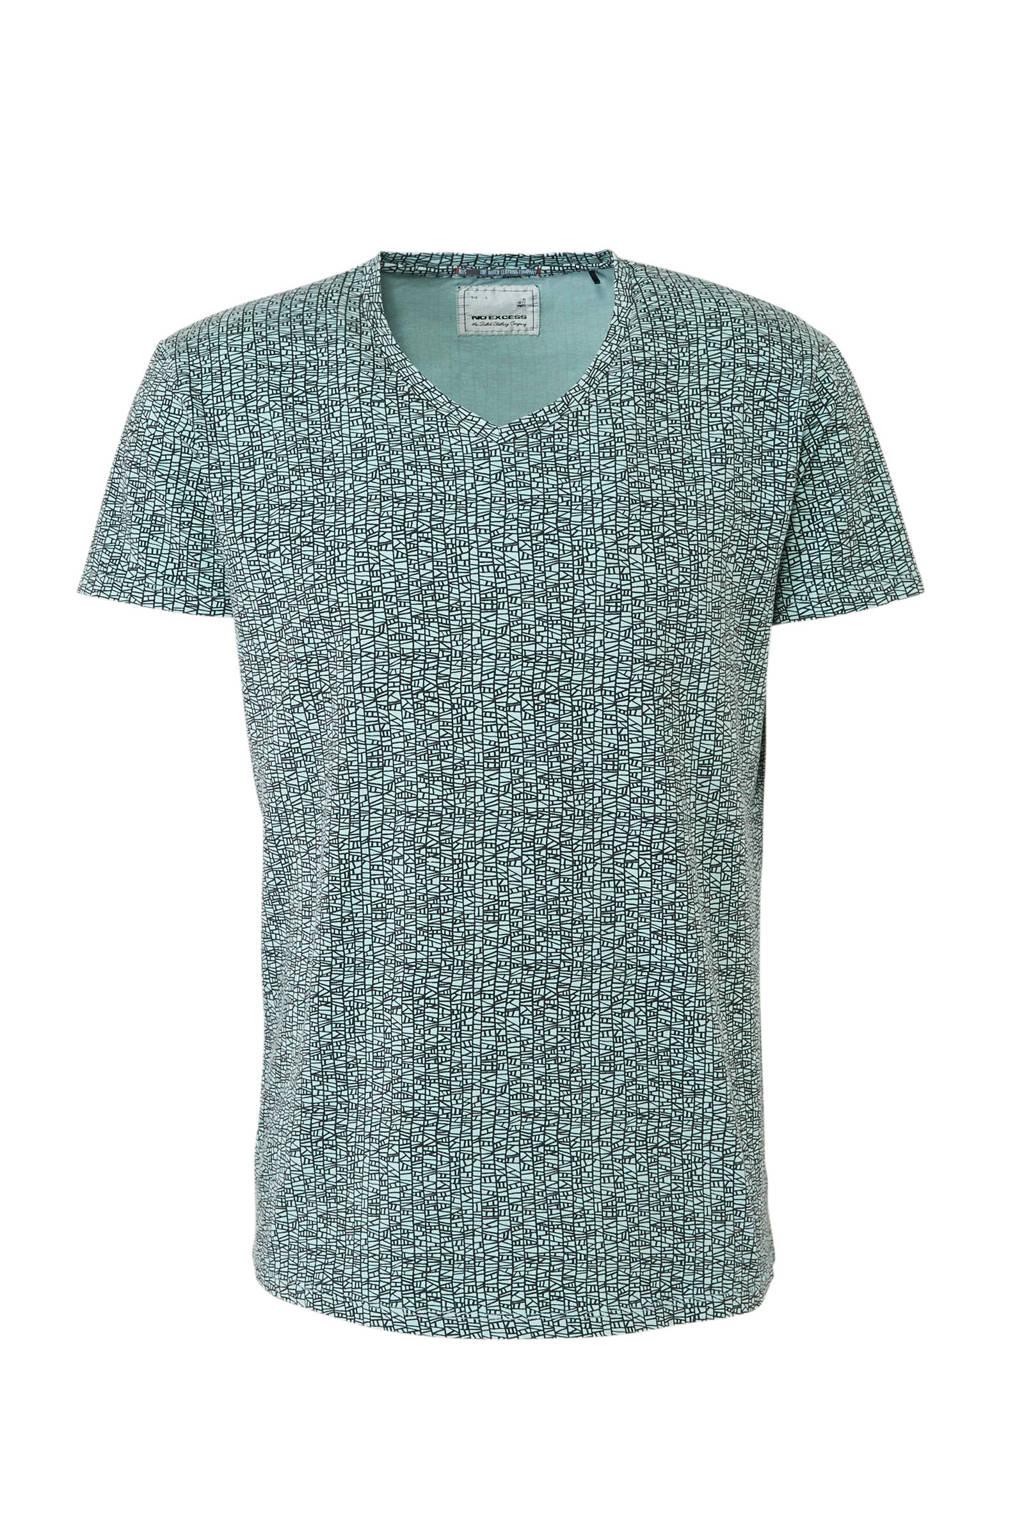 No Excess T-shirt met allover print mintgroen, Mintgroen/ zwart